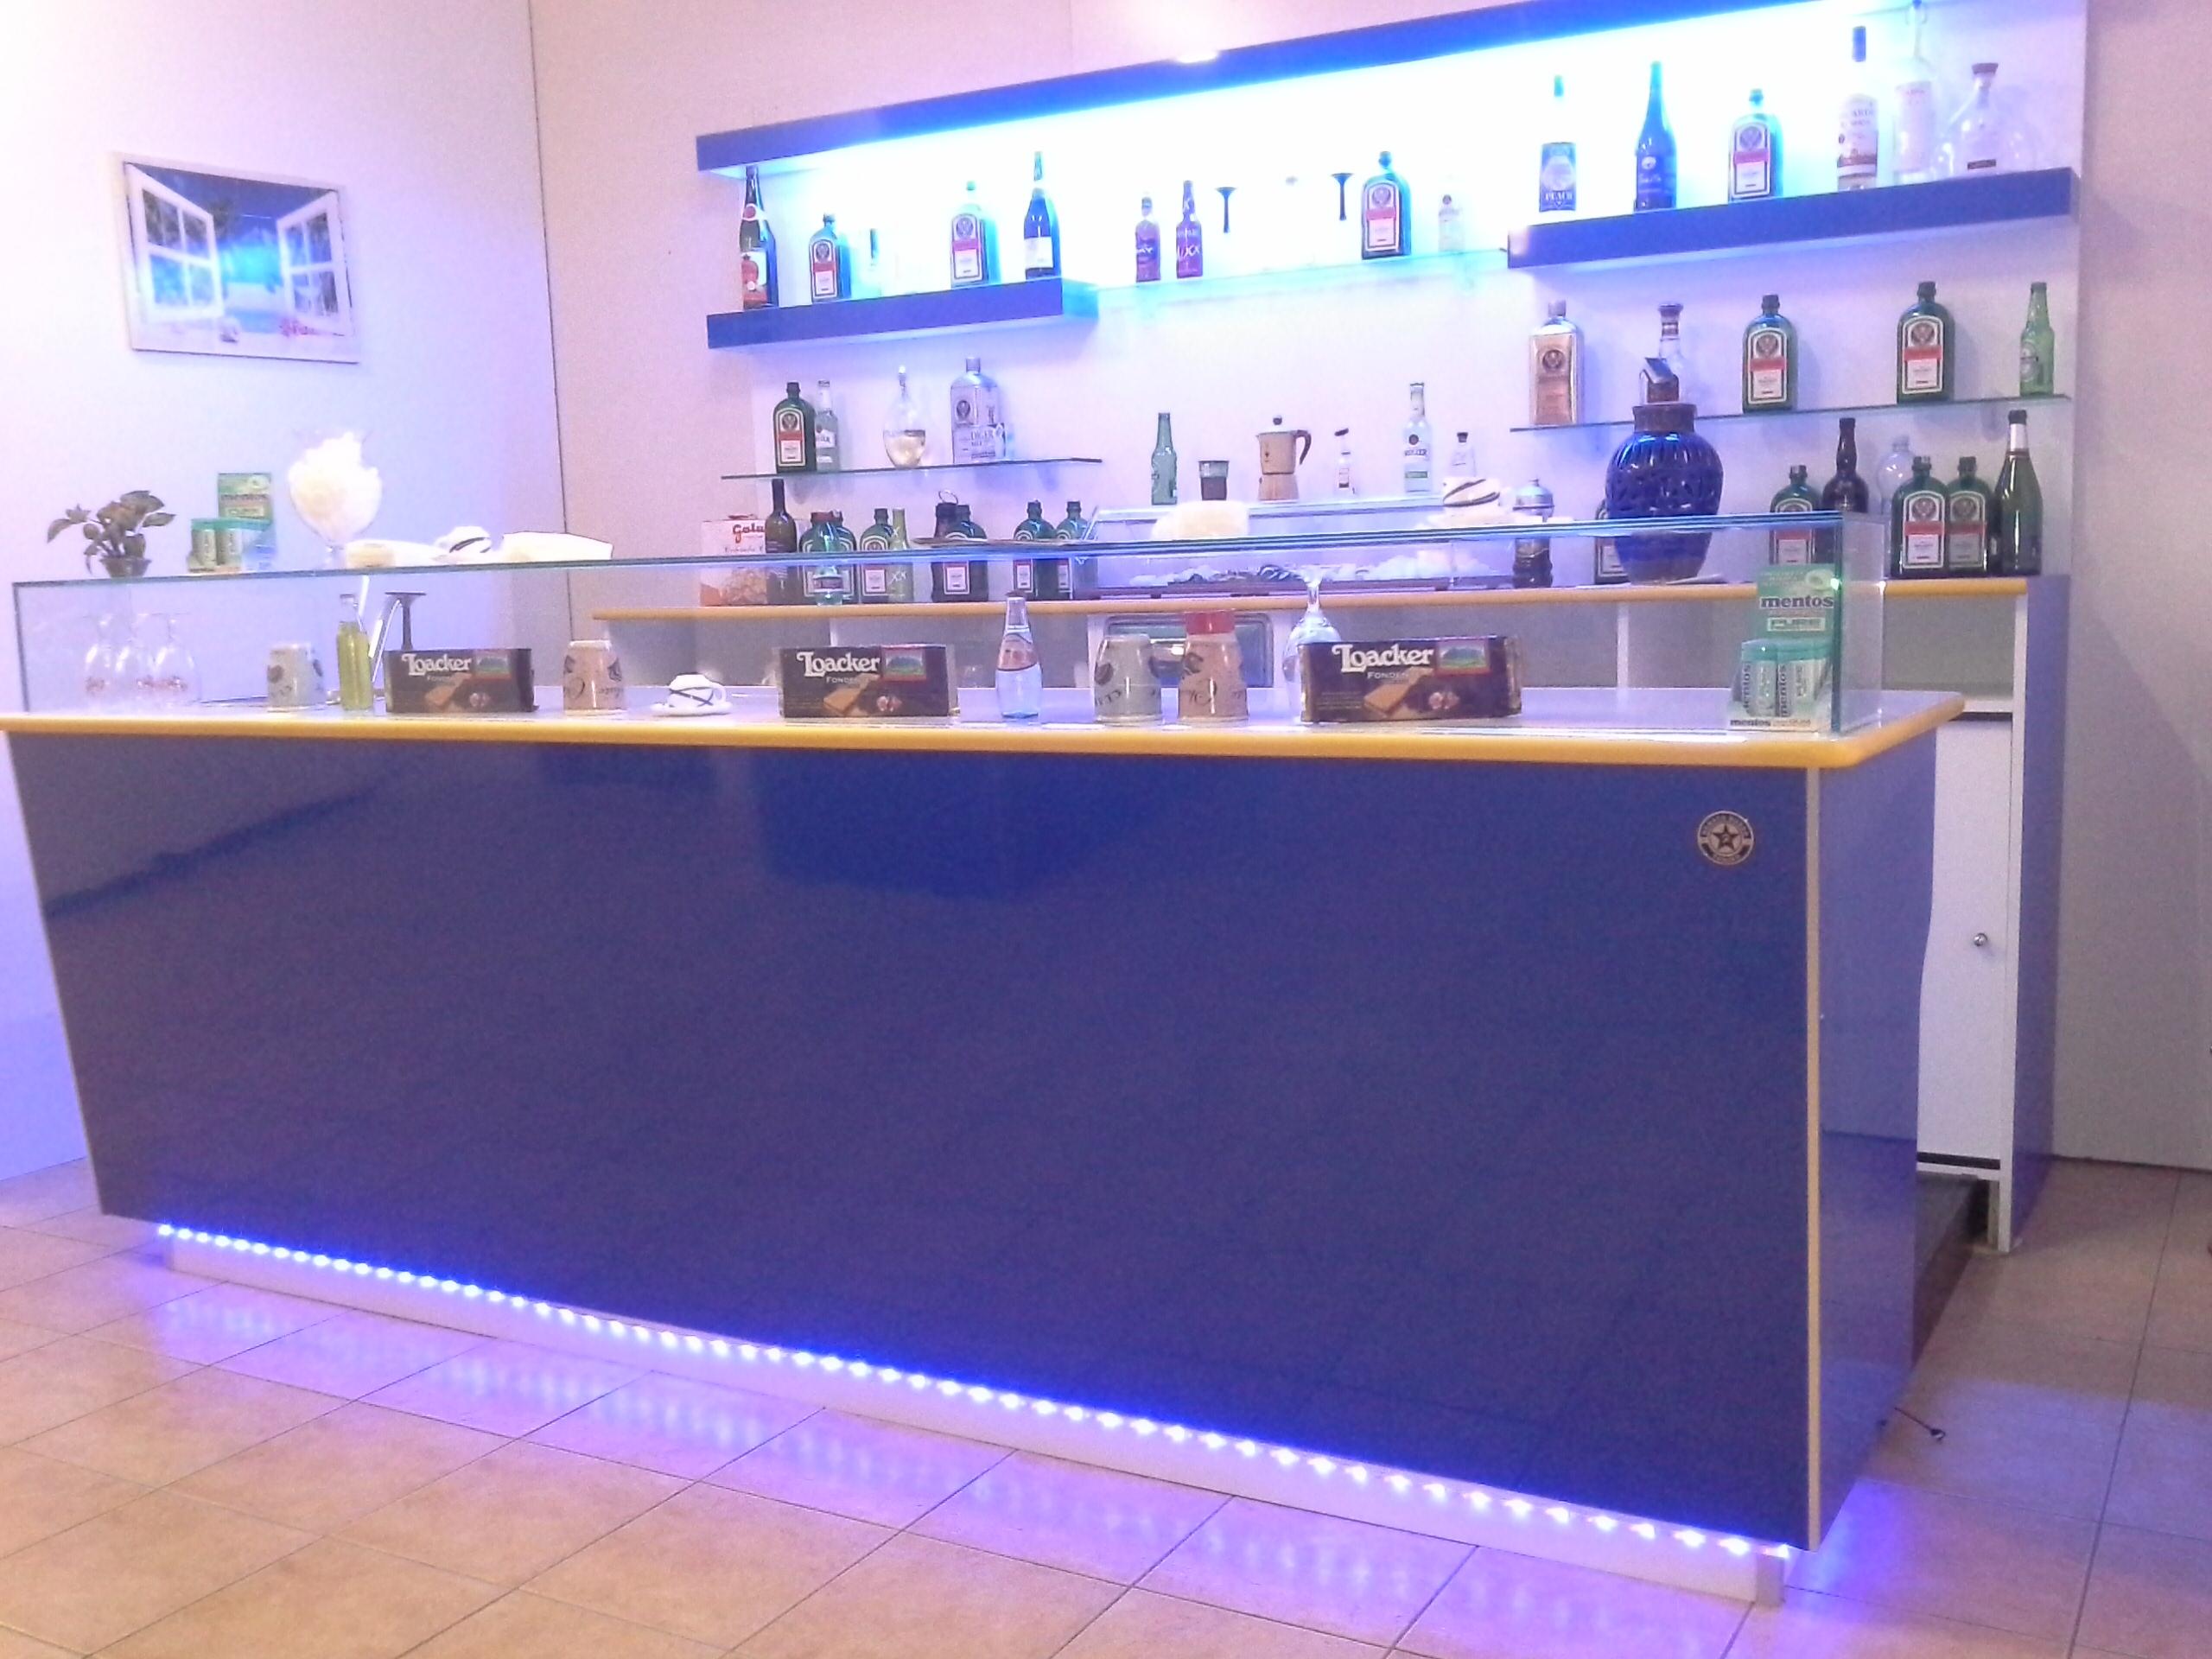 Prezzi arredamenti bar amazing arredamento esterno bar for Banchi bar e arredamenti completi